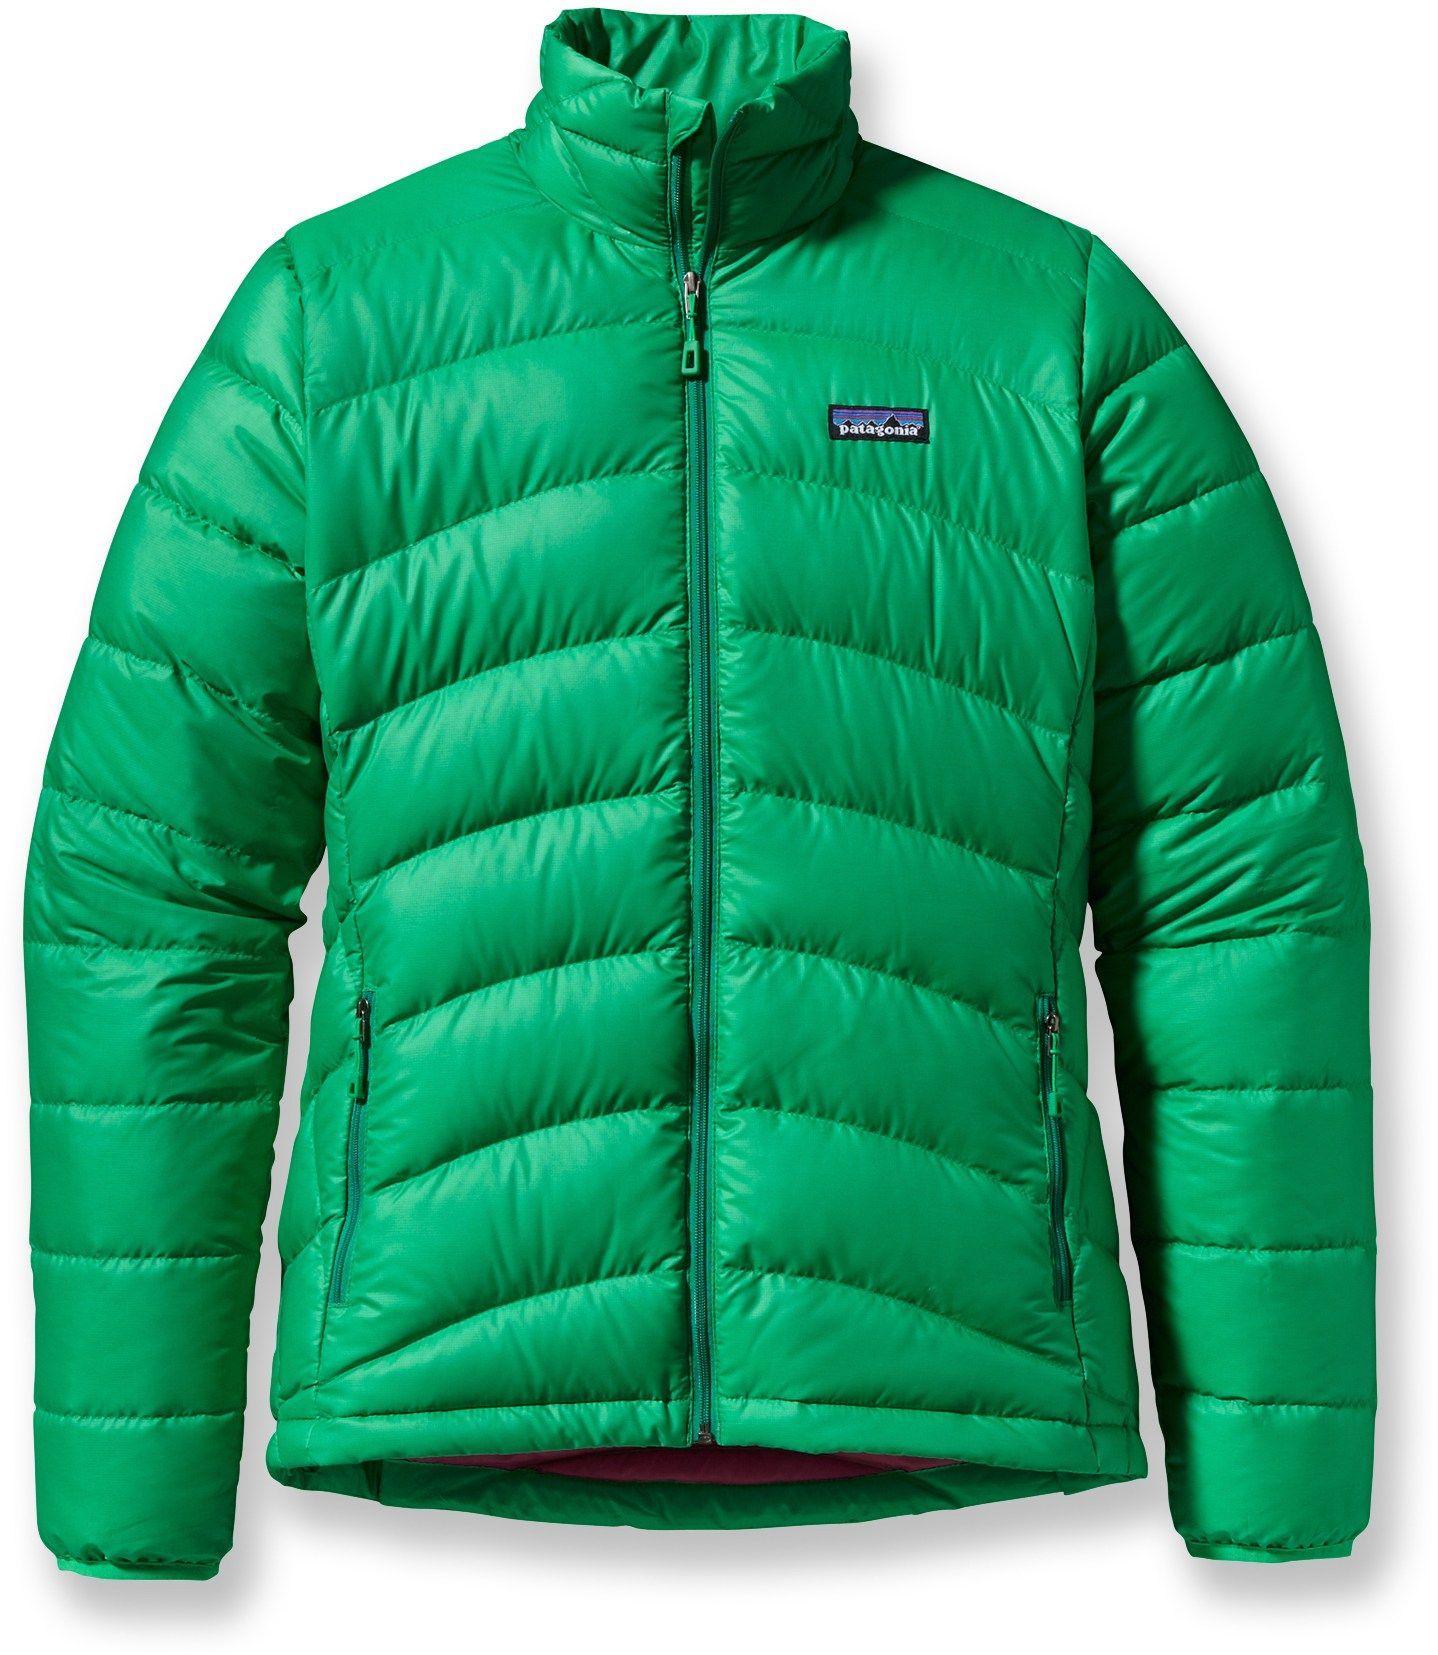 Patagonia Women S Hi Loft Down Sweater: Patagonia Hi-Loft Down Sweater - Women's